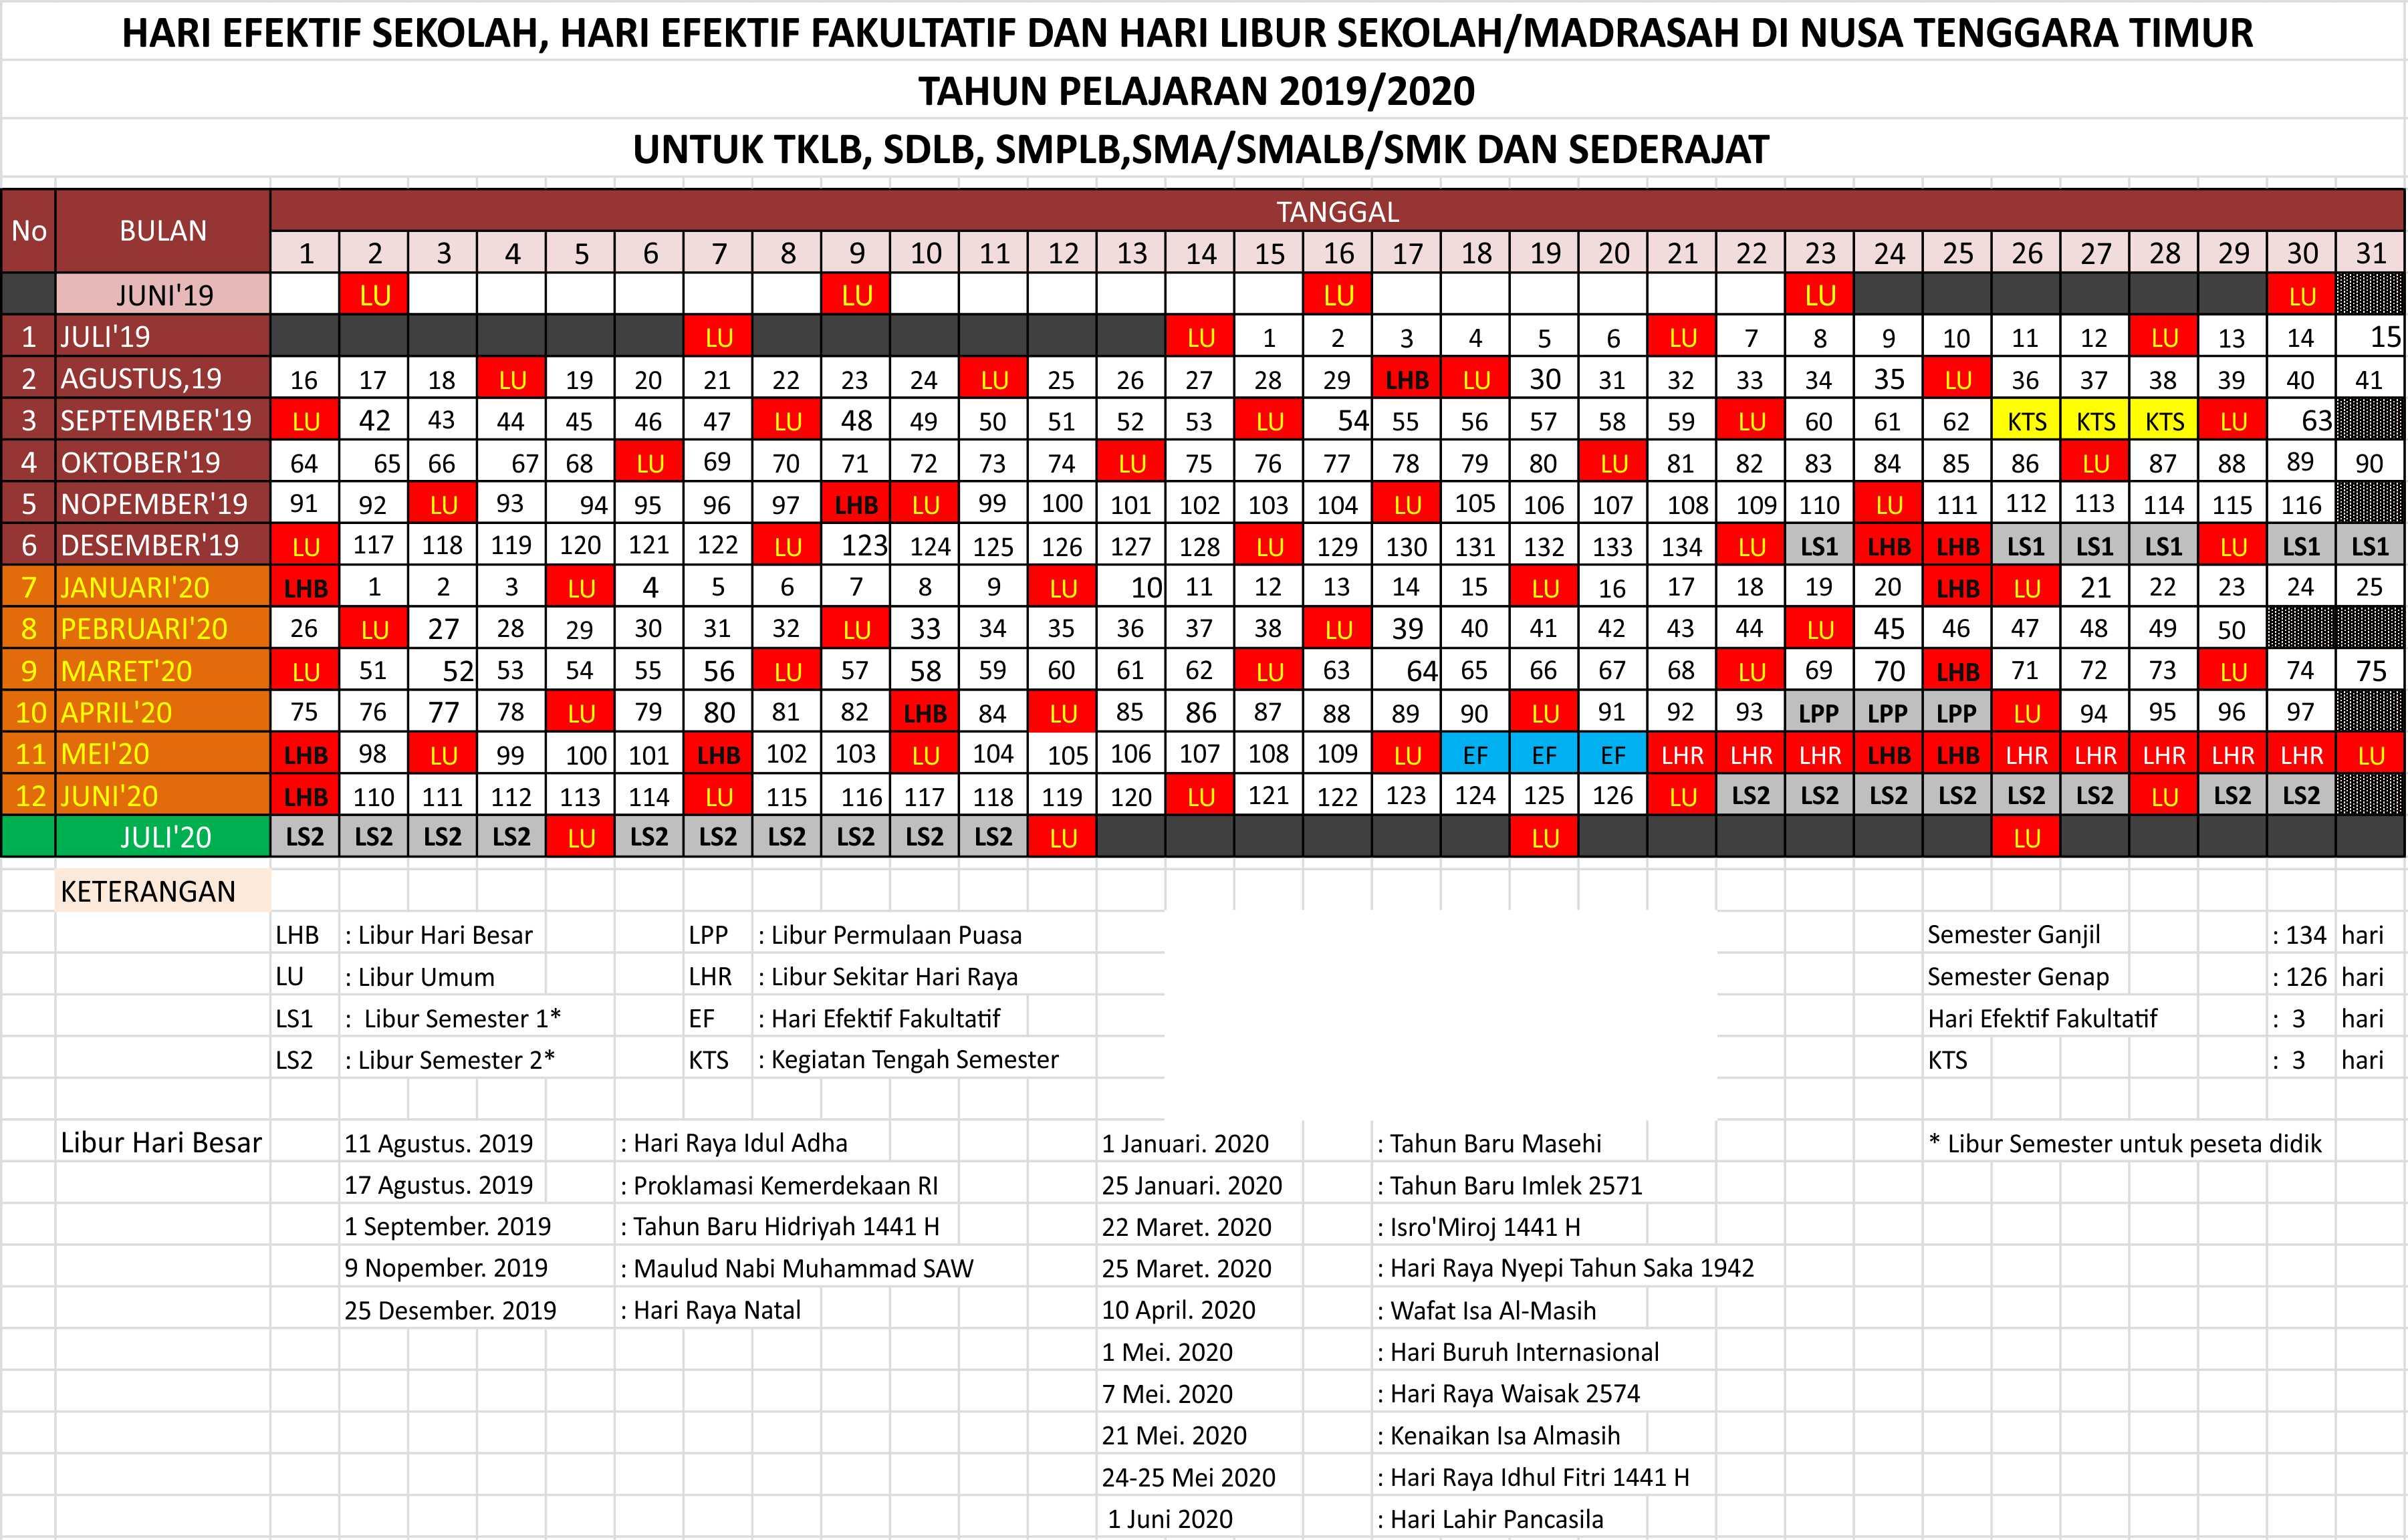 kalender pendidikan 2019 - 2020 nusa tenggara timur